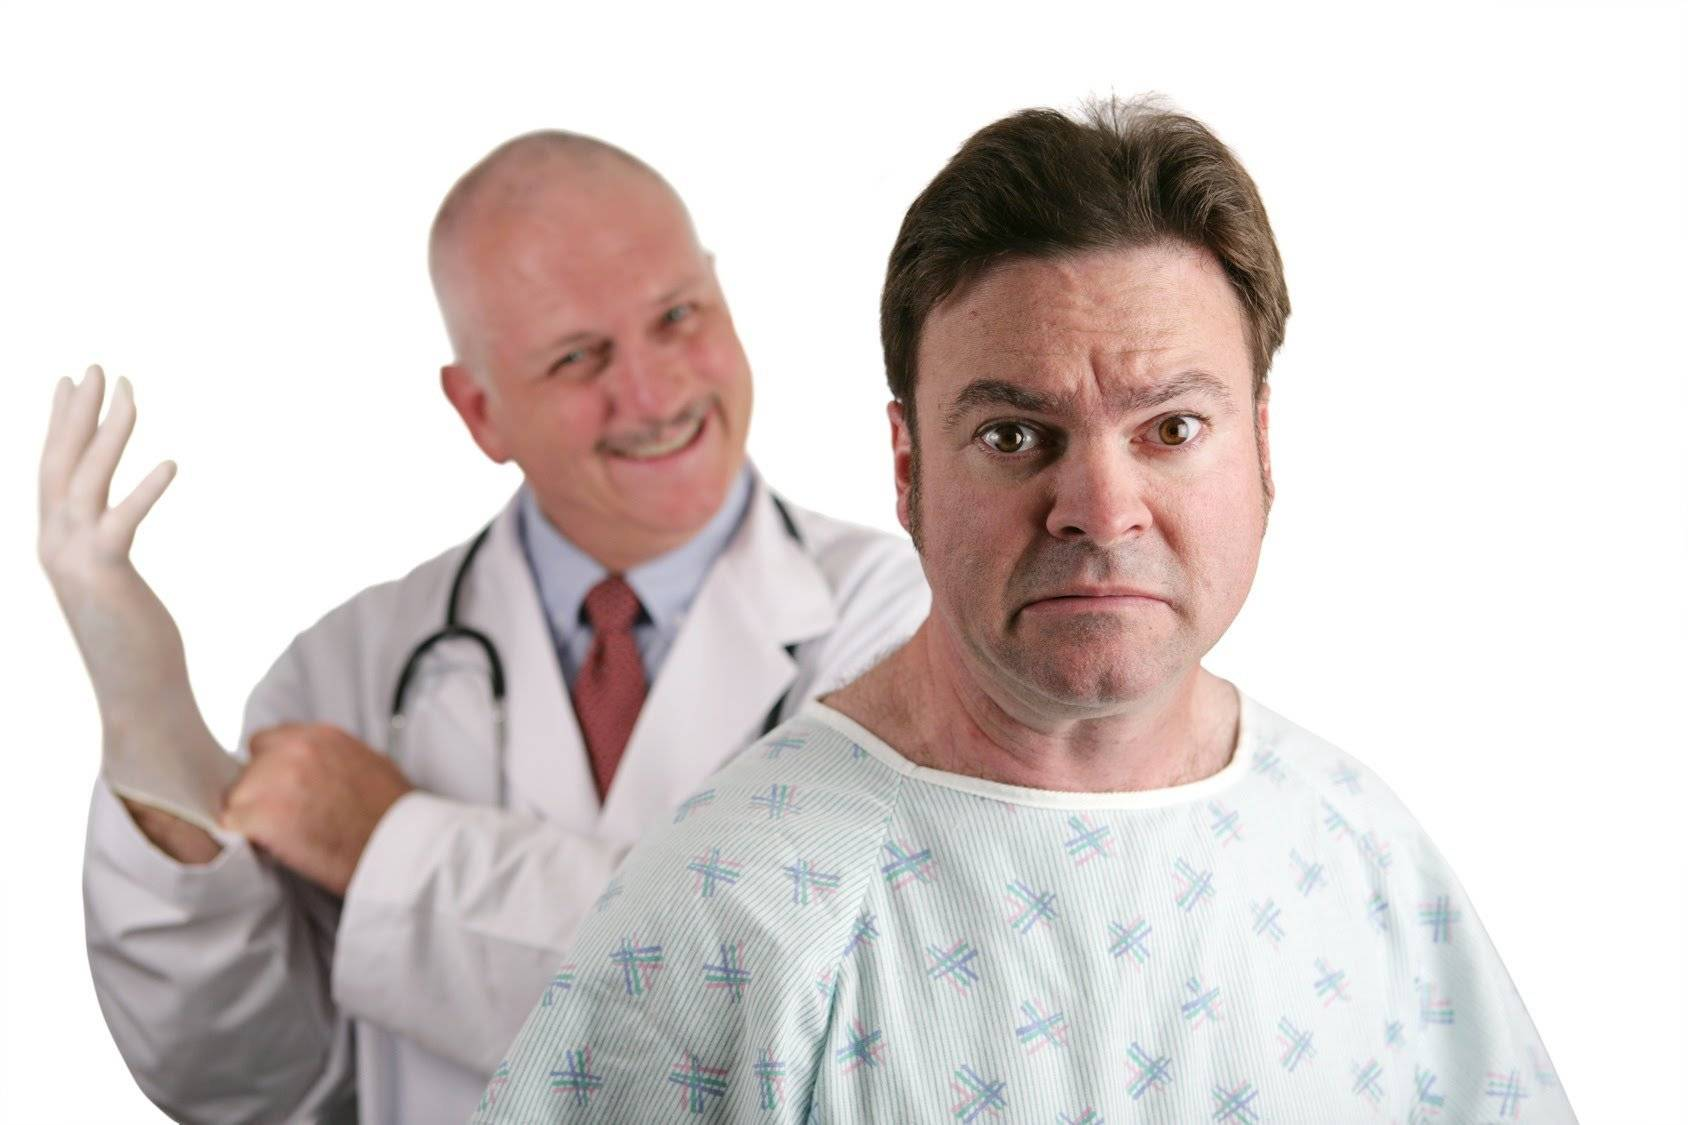 ХОБЛ и COVID-19: что россиянам нужно узнать о хронической обструктивной болезни легких